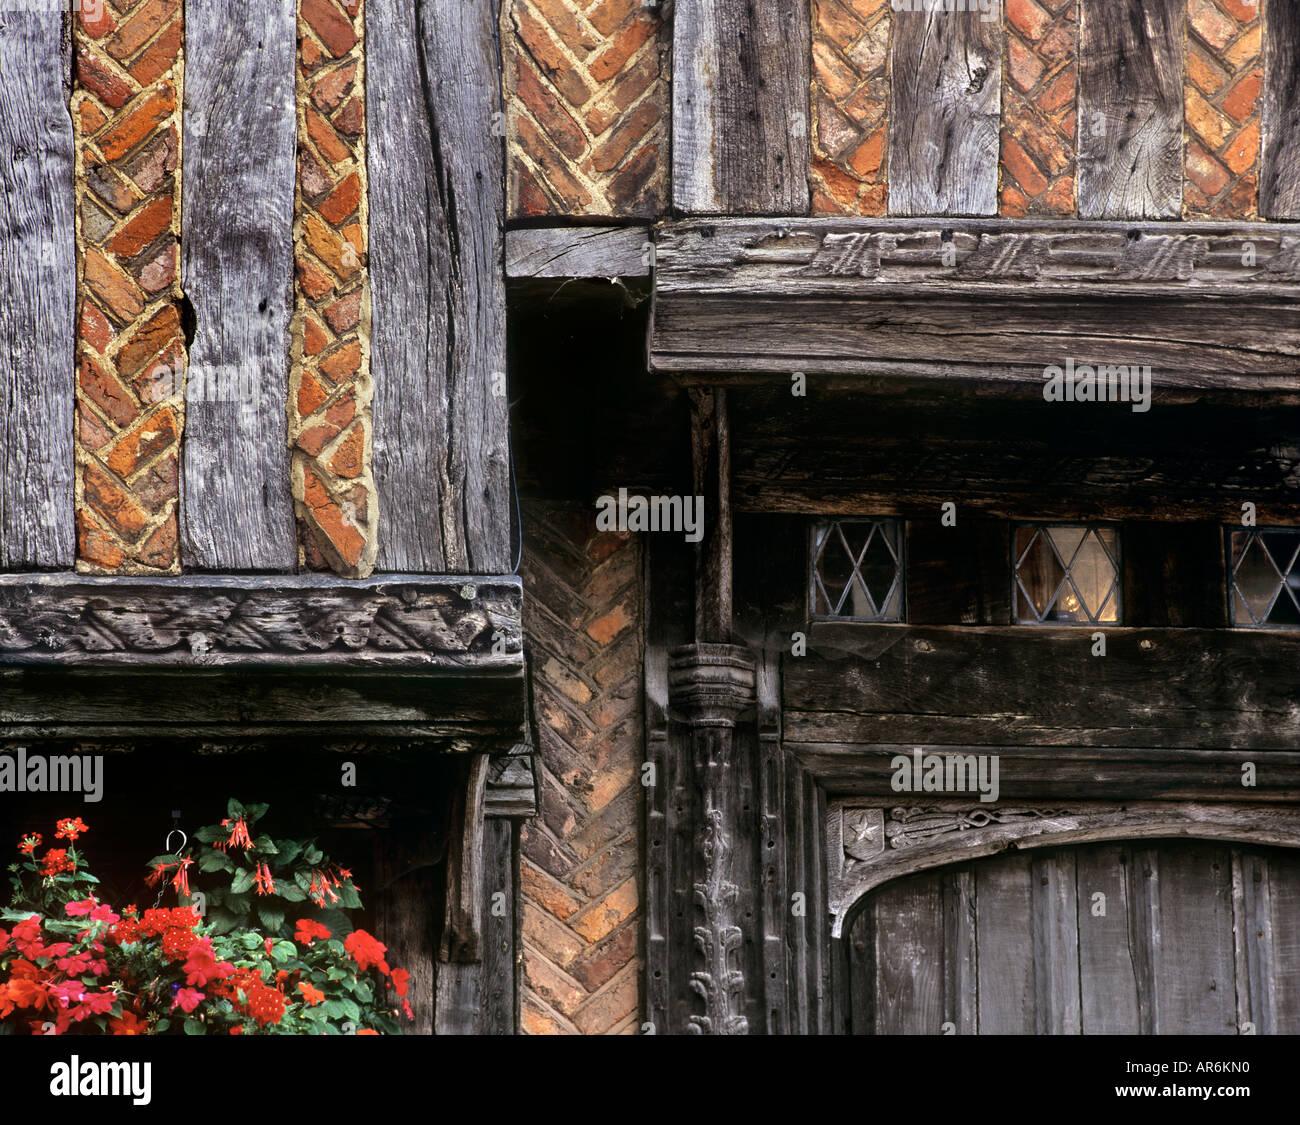 Vernacular Style Close Up Stockfotos & Vernacular Style Close Up ...